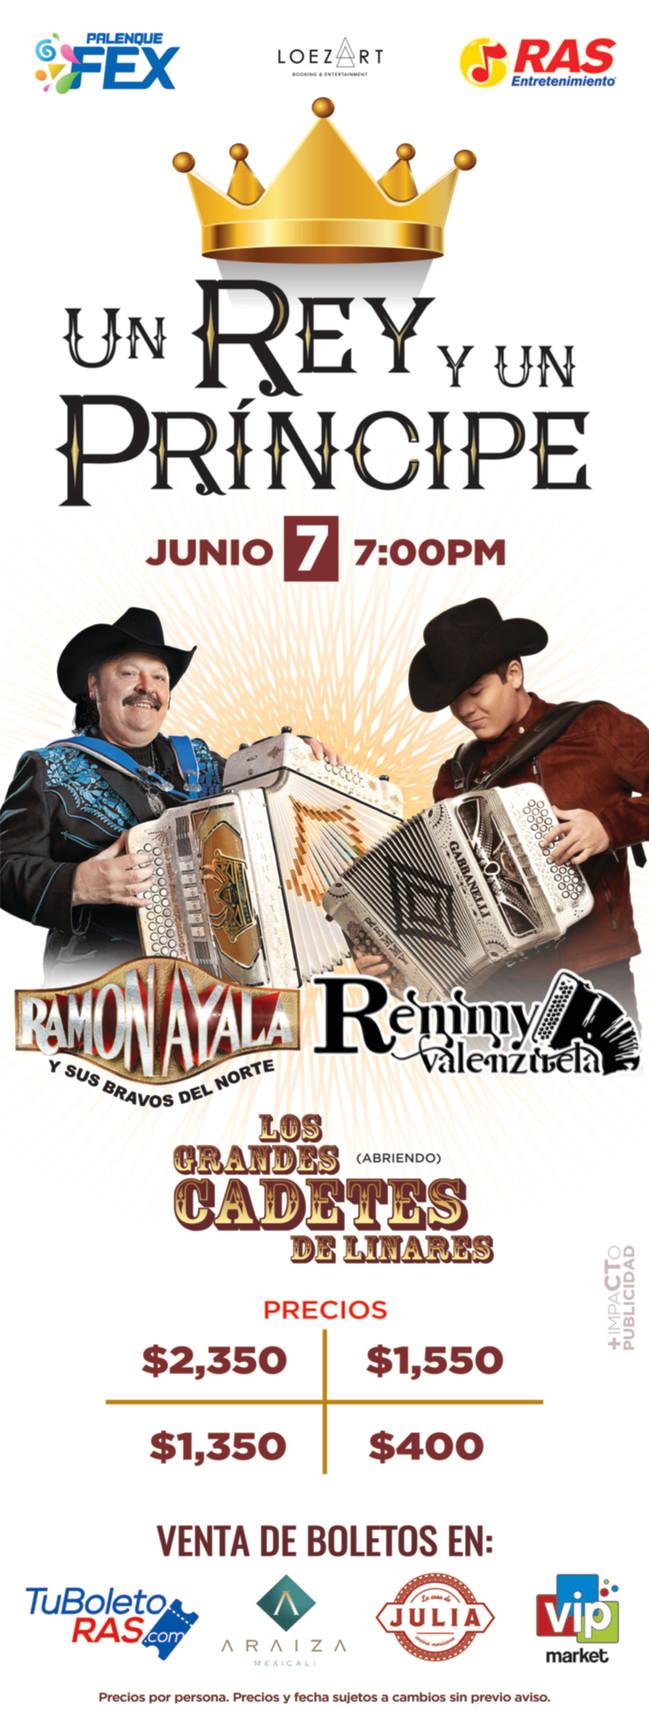 ⏩ UN REY Y UN PRINCIPE | RAMÓN AYALA & REMMY VALENZUELA 🔴 PALENQUE FEX 🔴 MEXICALI  🔴 7 DE JUN